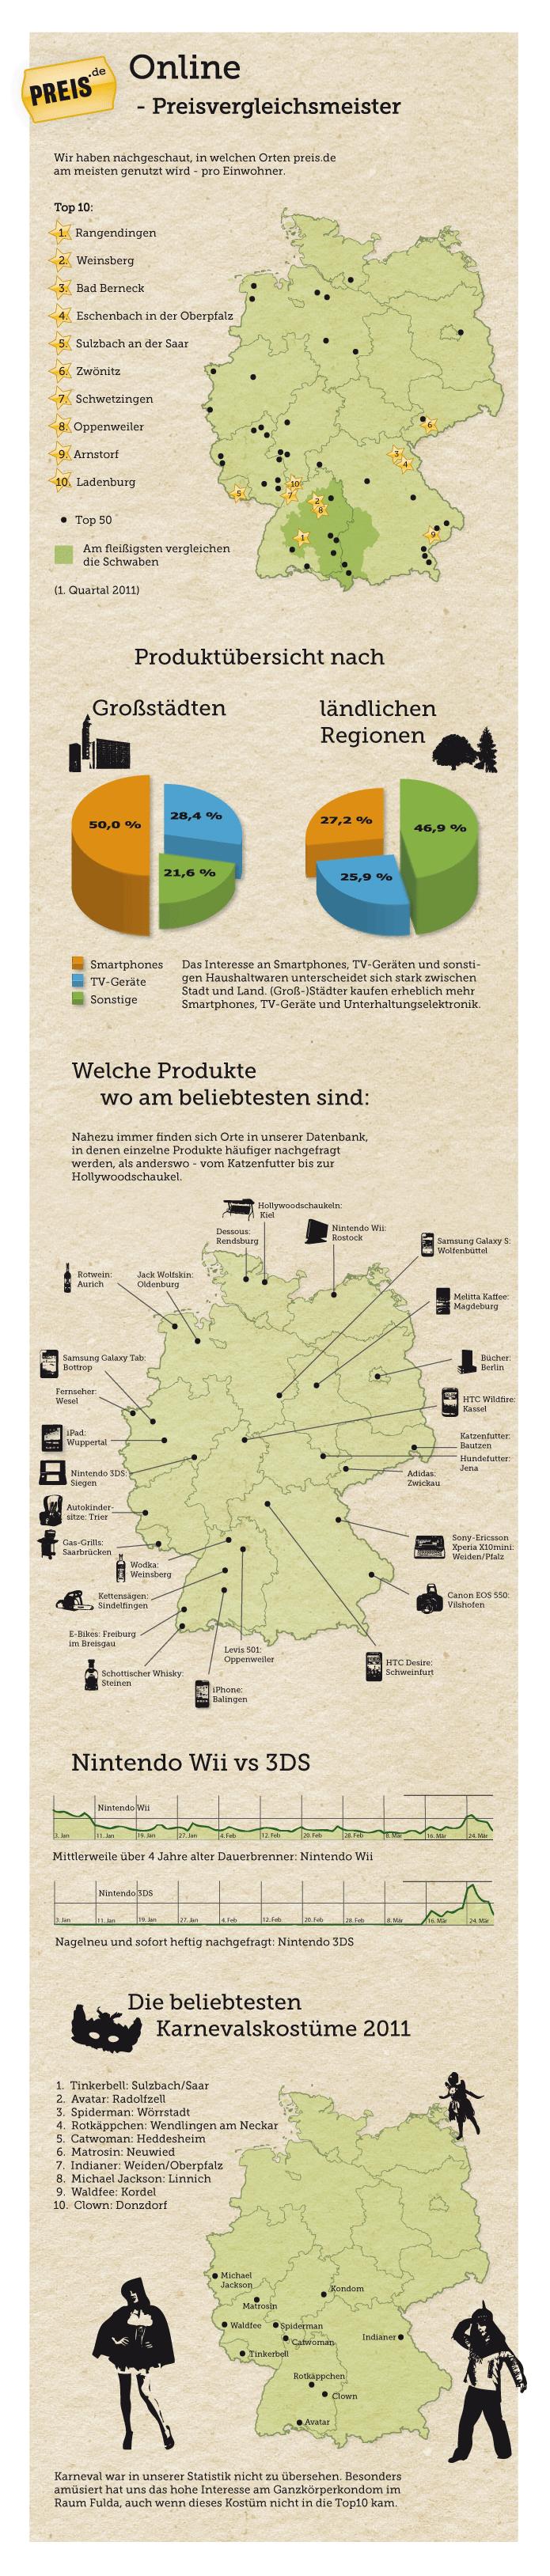 Preis.de Shoppingindex 2011